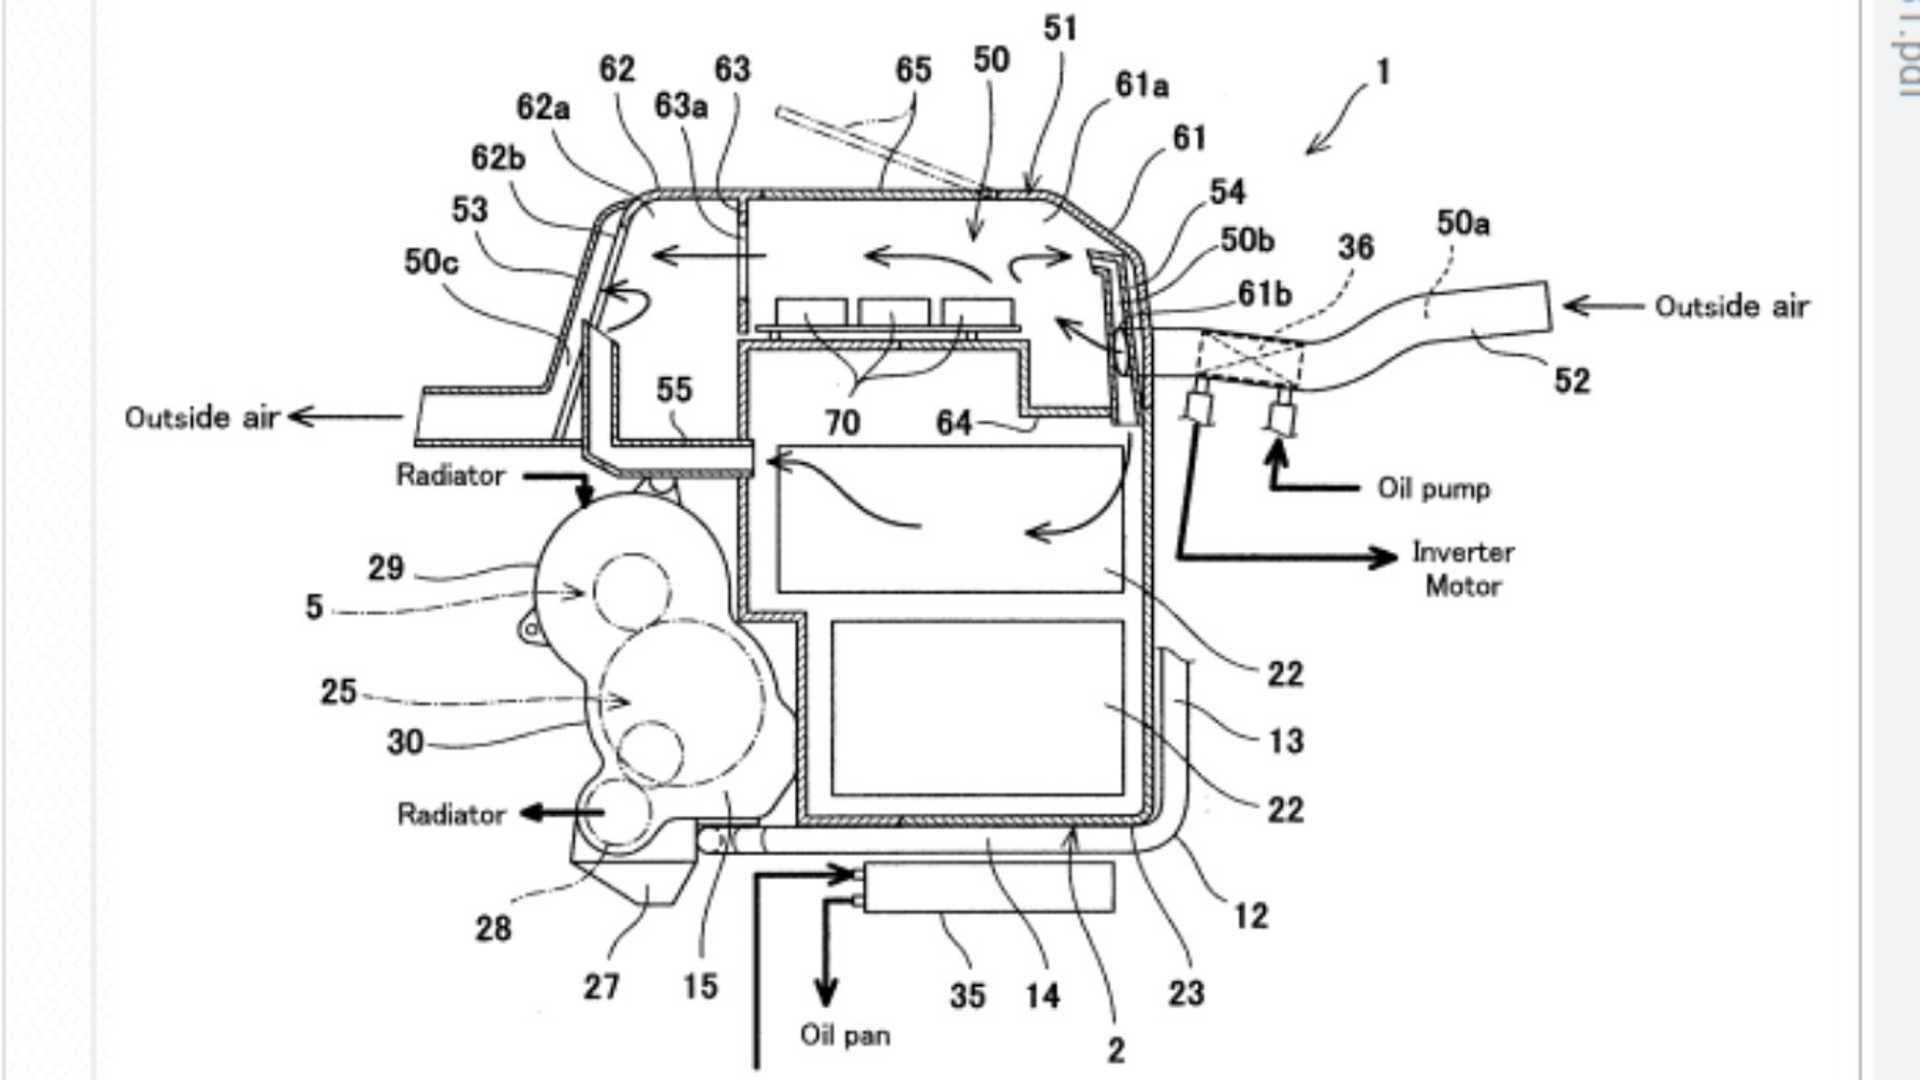 Patent Filings Show Interesting Kawasaki Electric